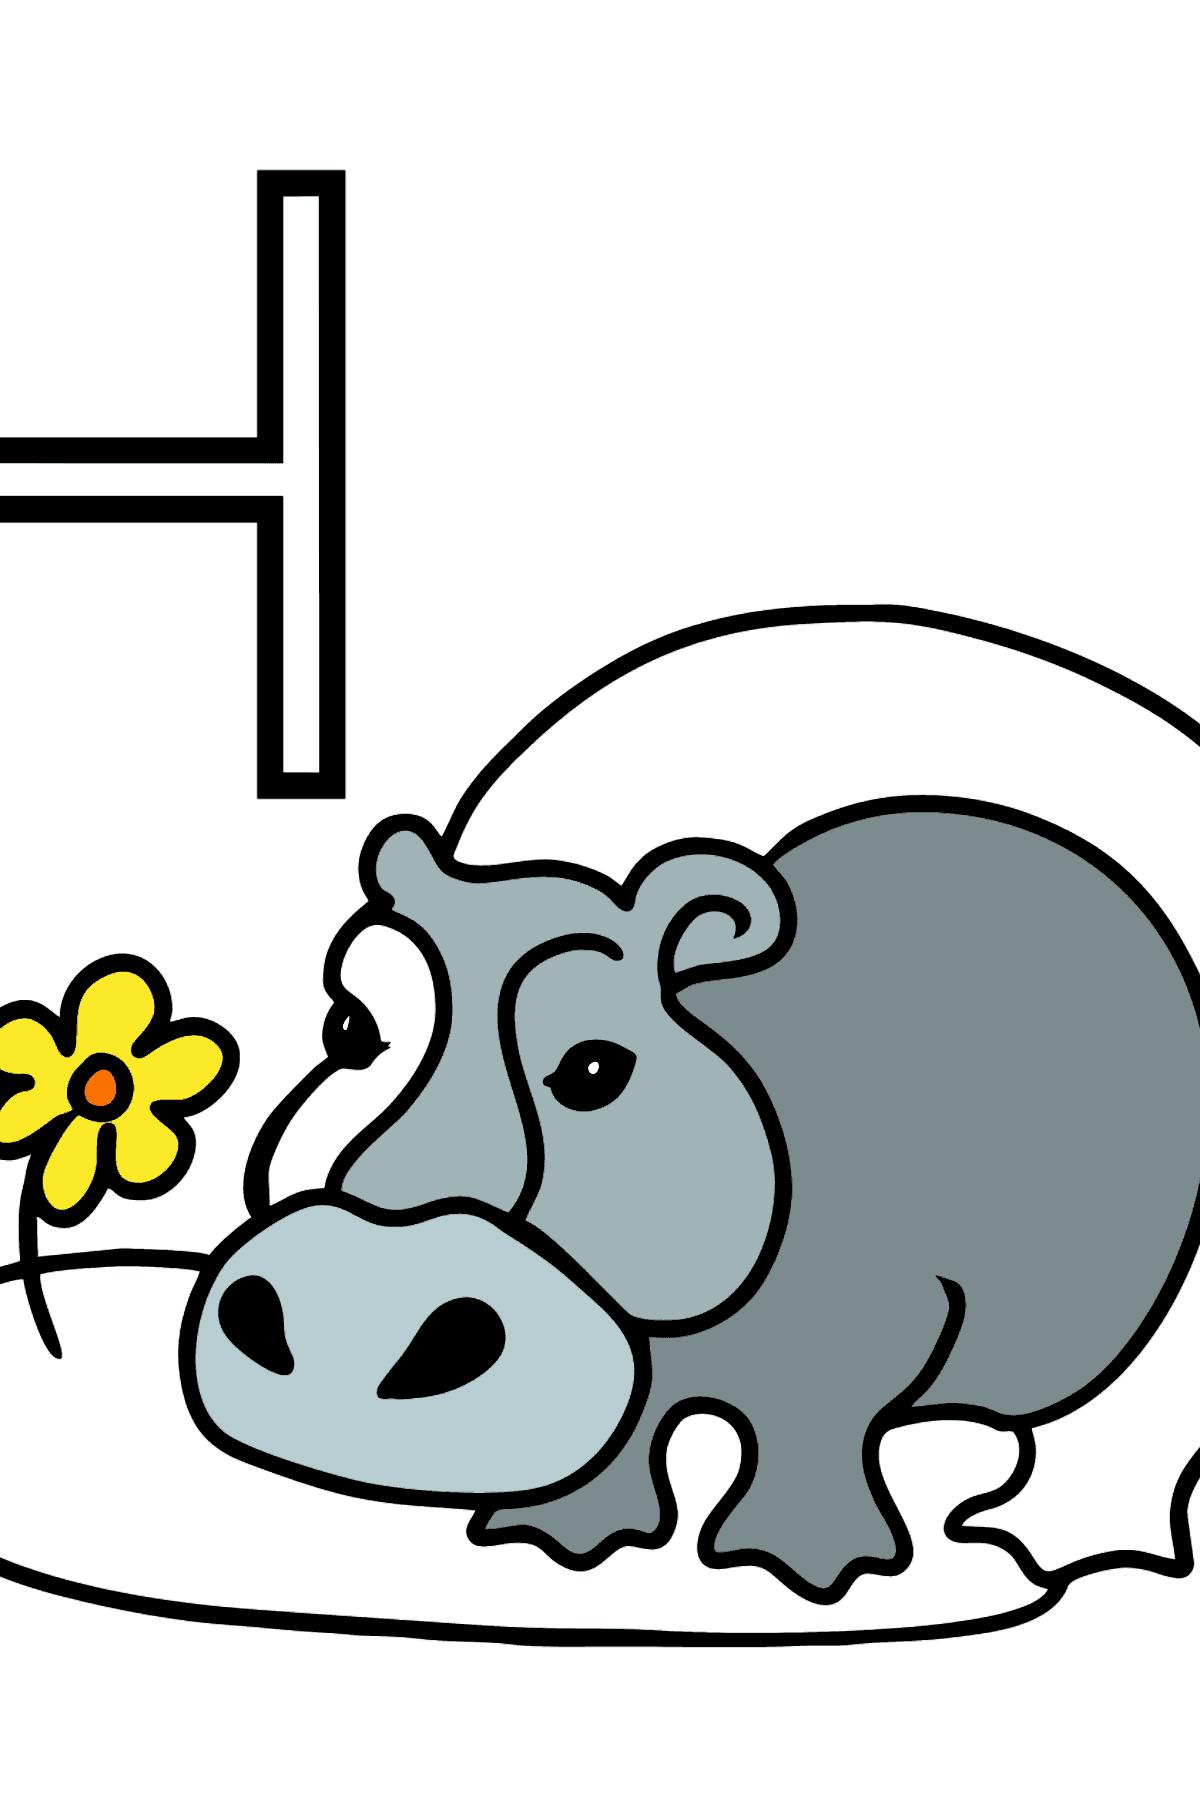 Portuguese Letter H coloring pages - HIPOPÓTAMO - Coloring Pages for Kids